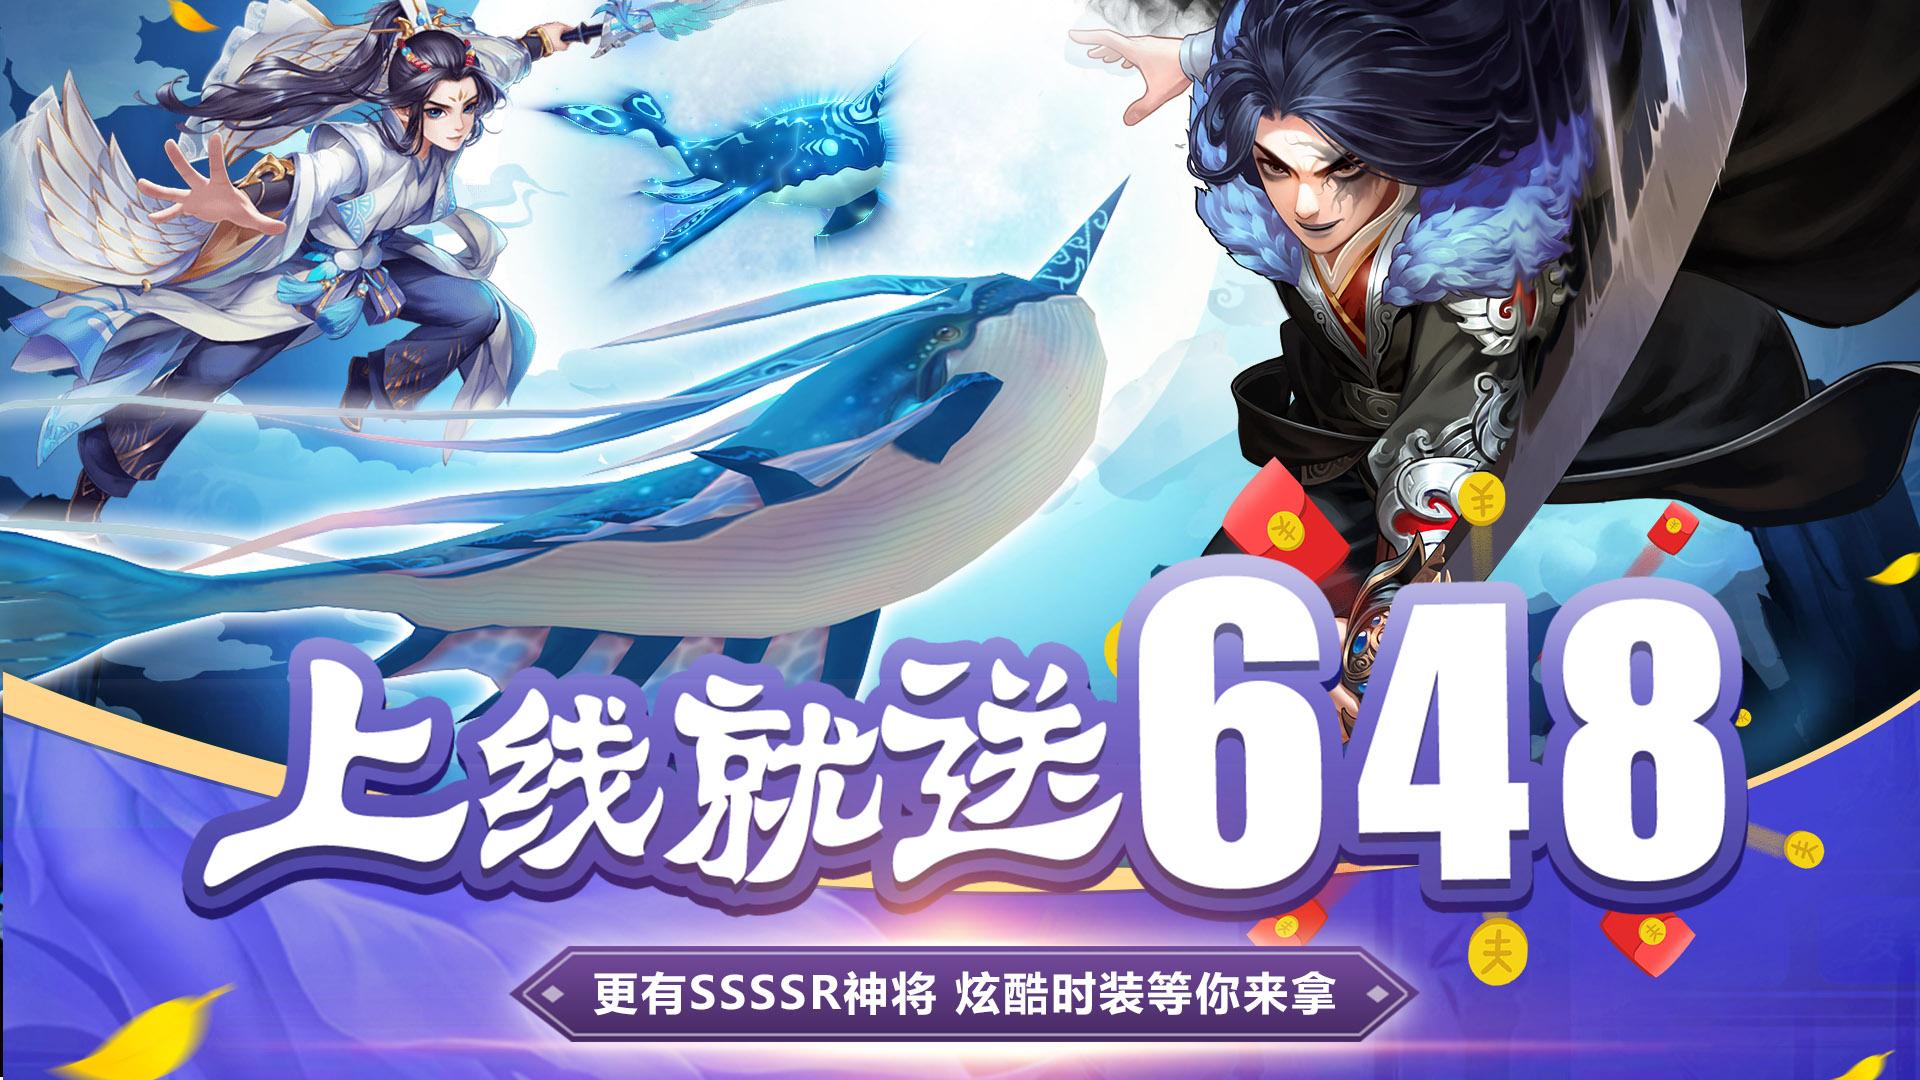 《仙凡传(送648充值)》变态版:上线就送648元元宝、SSR神兽玄鸟